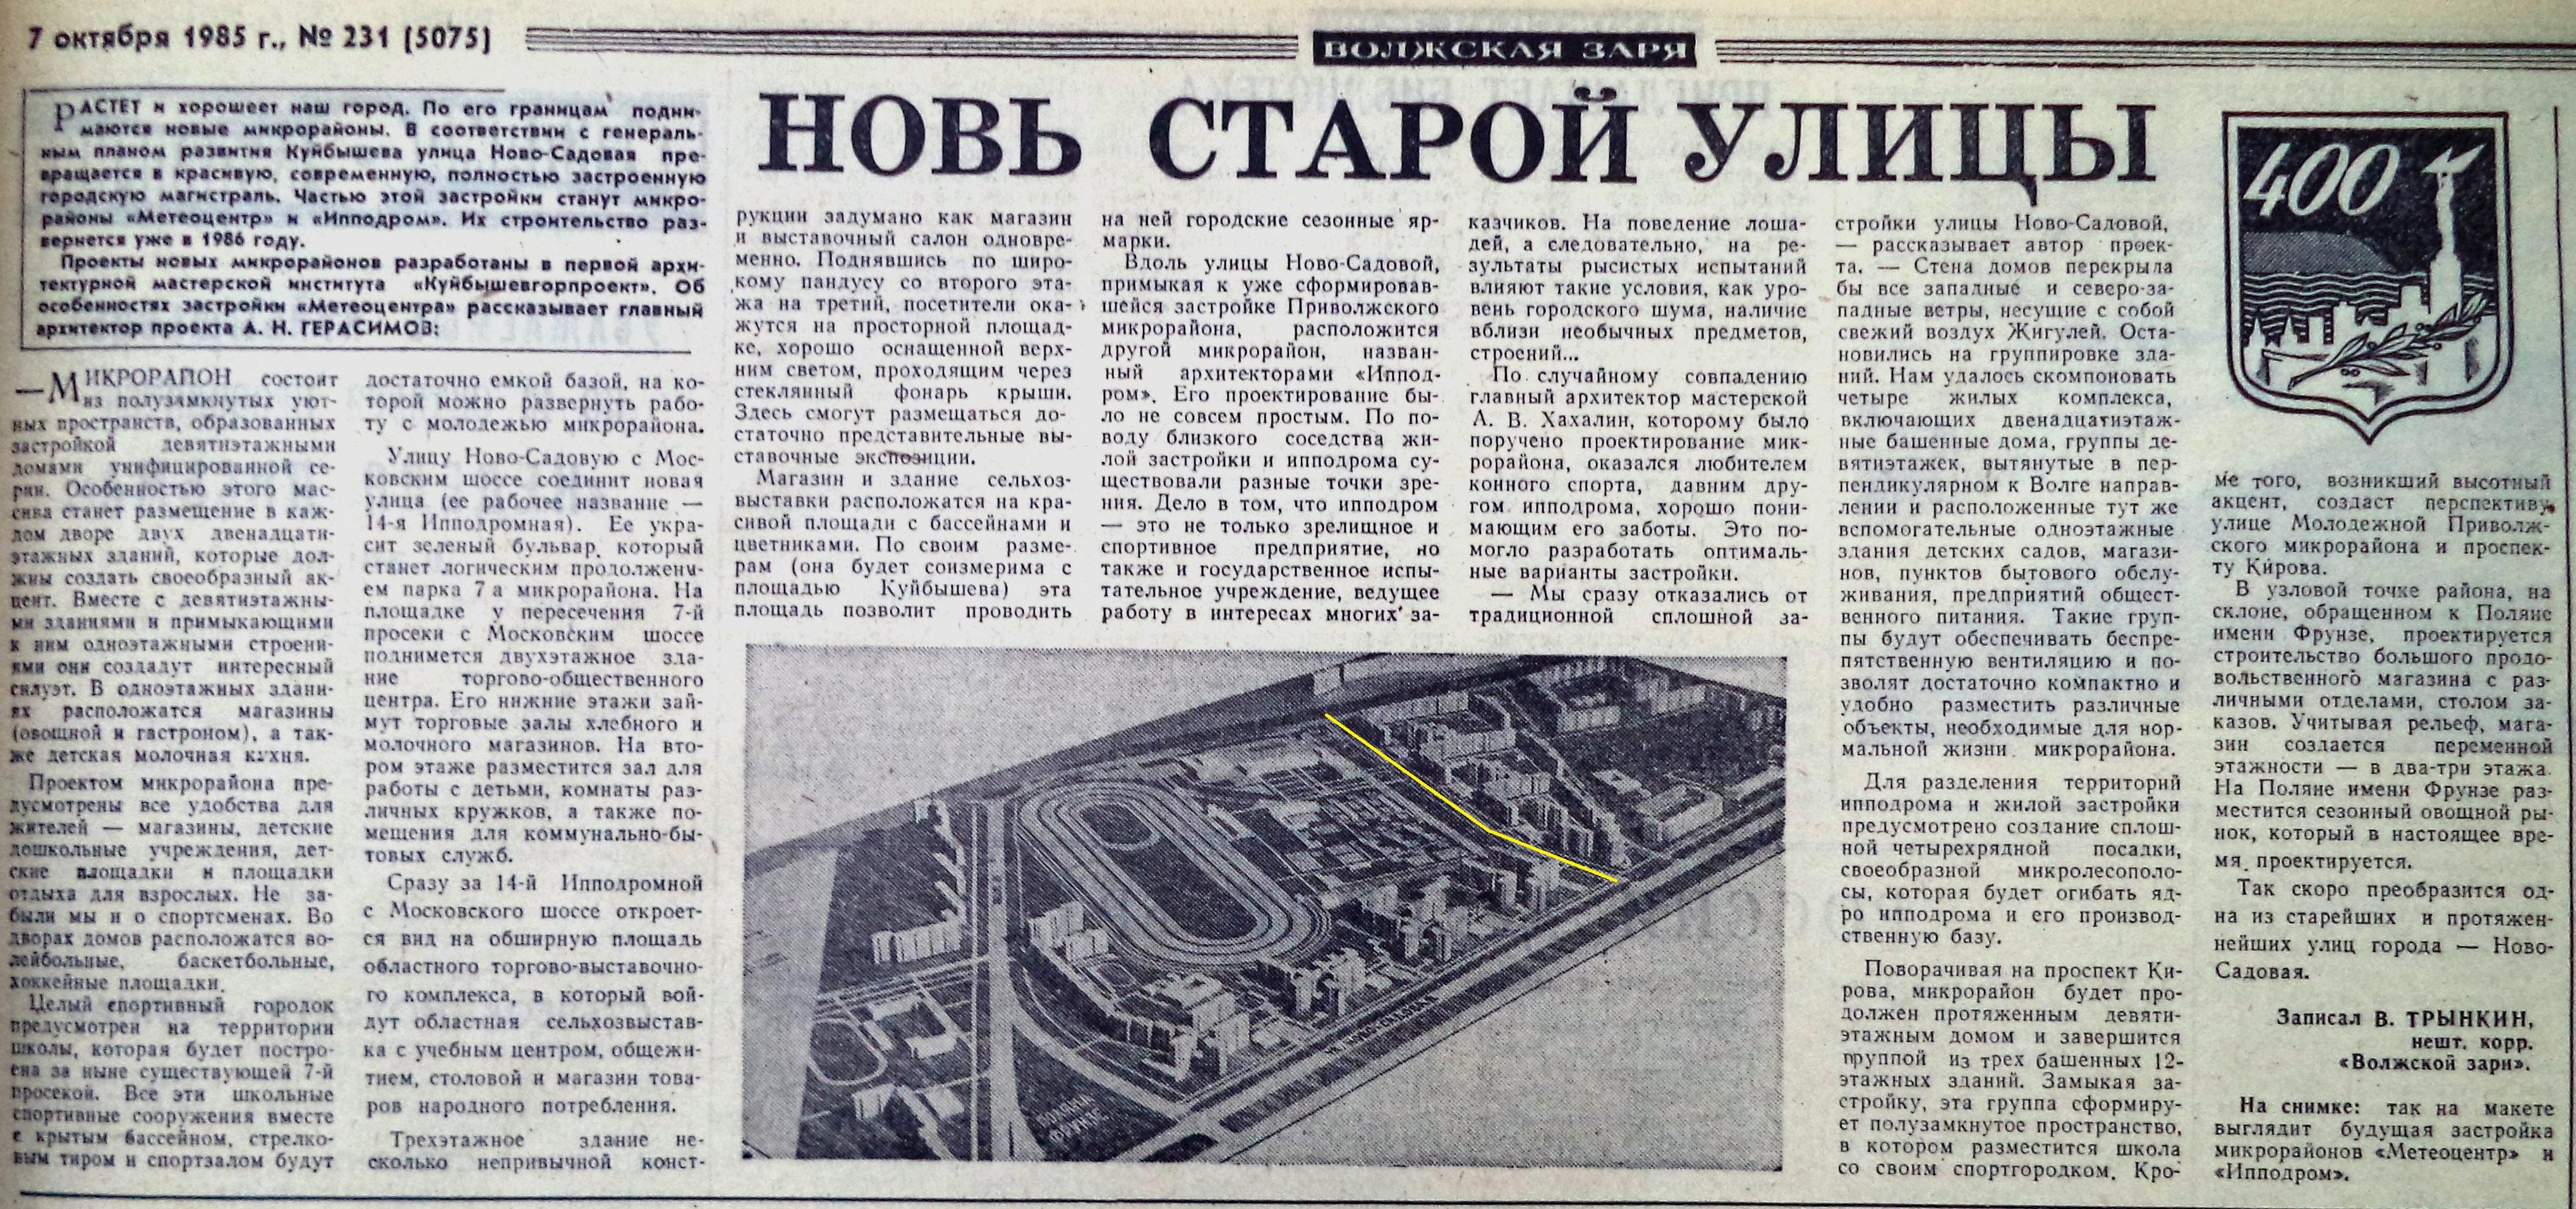 Губанова-ФОТО-10-ВЗя-1985-10-07-планы мкр. Ипподром и Метеоцентр